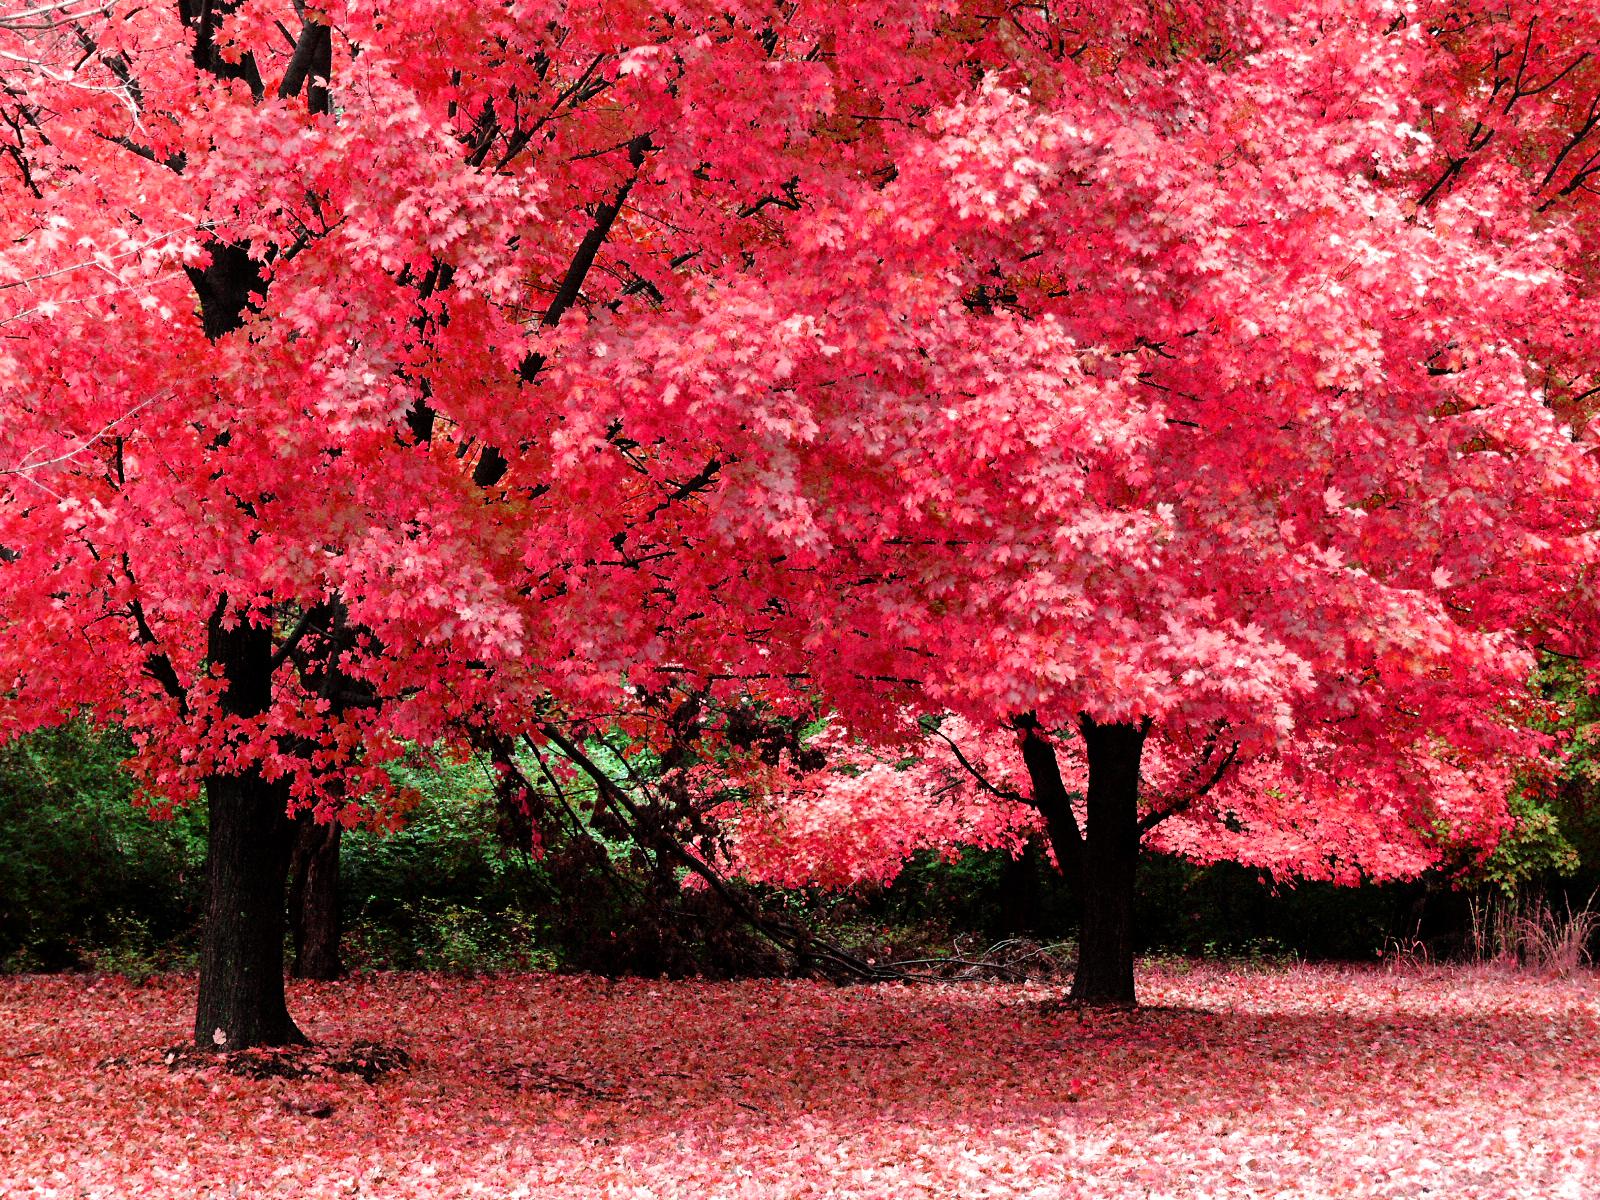 http://4.bp.blogspot.com/_aXok1prbxog/TO3aoRxKNOI/AAAAAAAAAAQ/kWYS8g_ZdsM/s1600/Autumn_Fantasy_lg.jpg